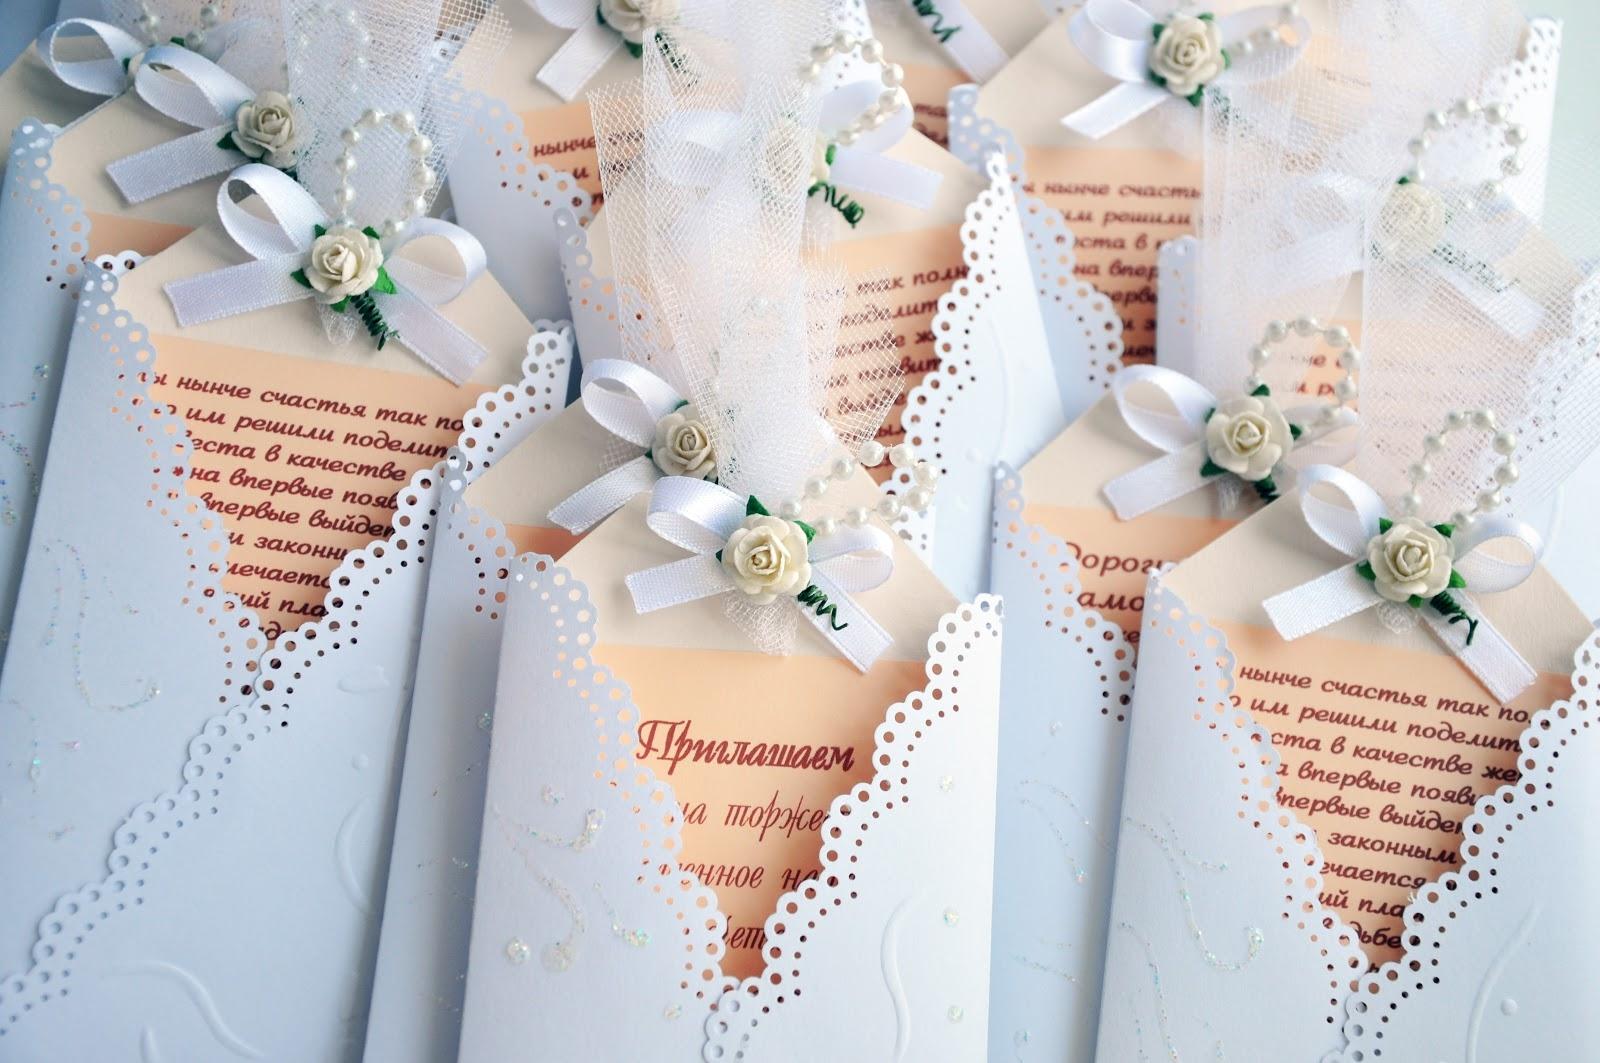 Пригласительные на свадьбу стиляг